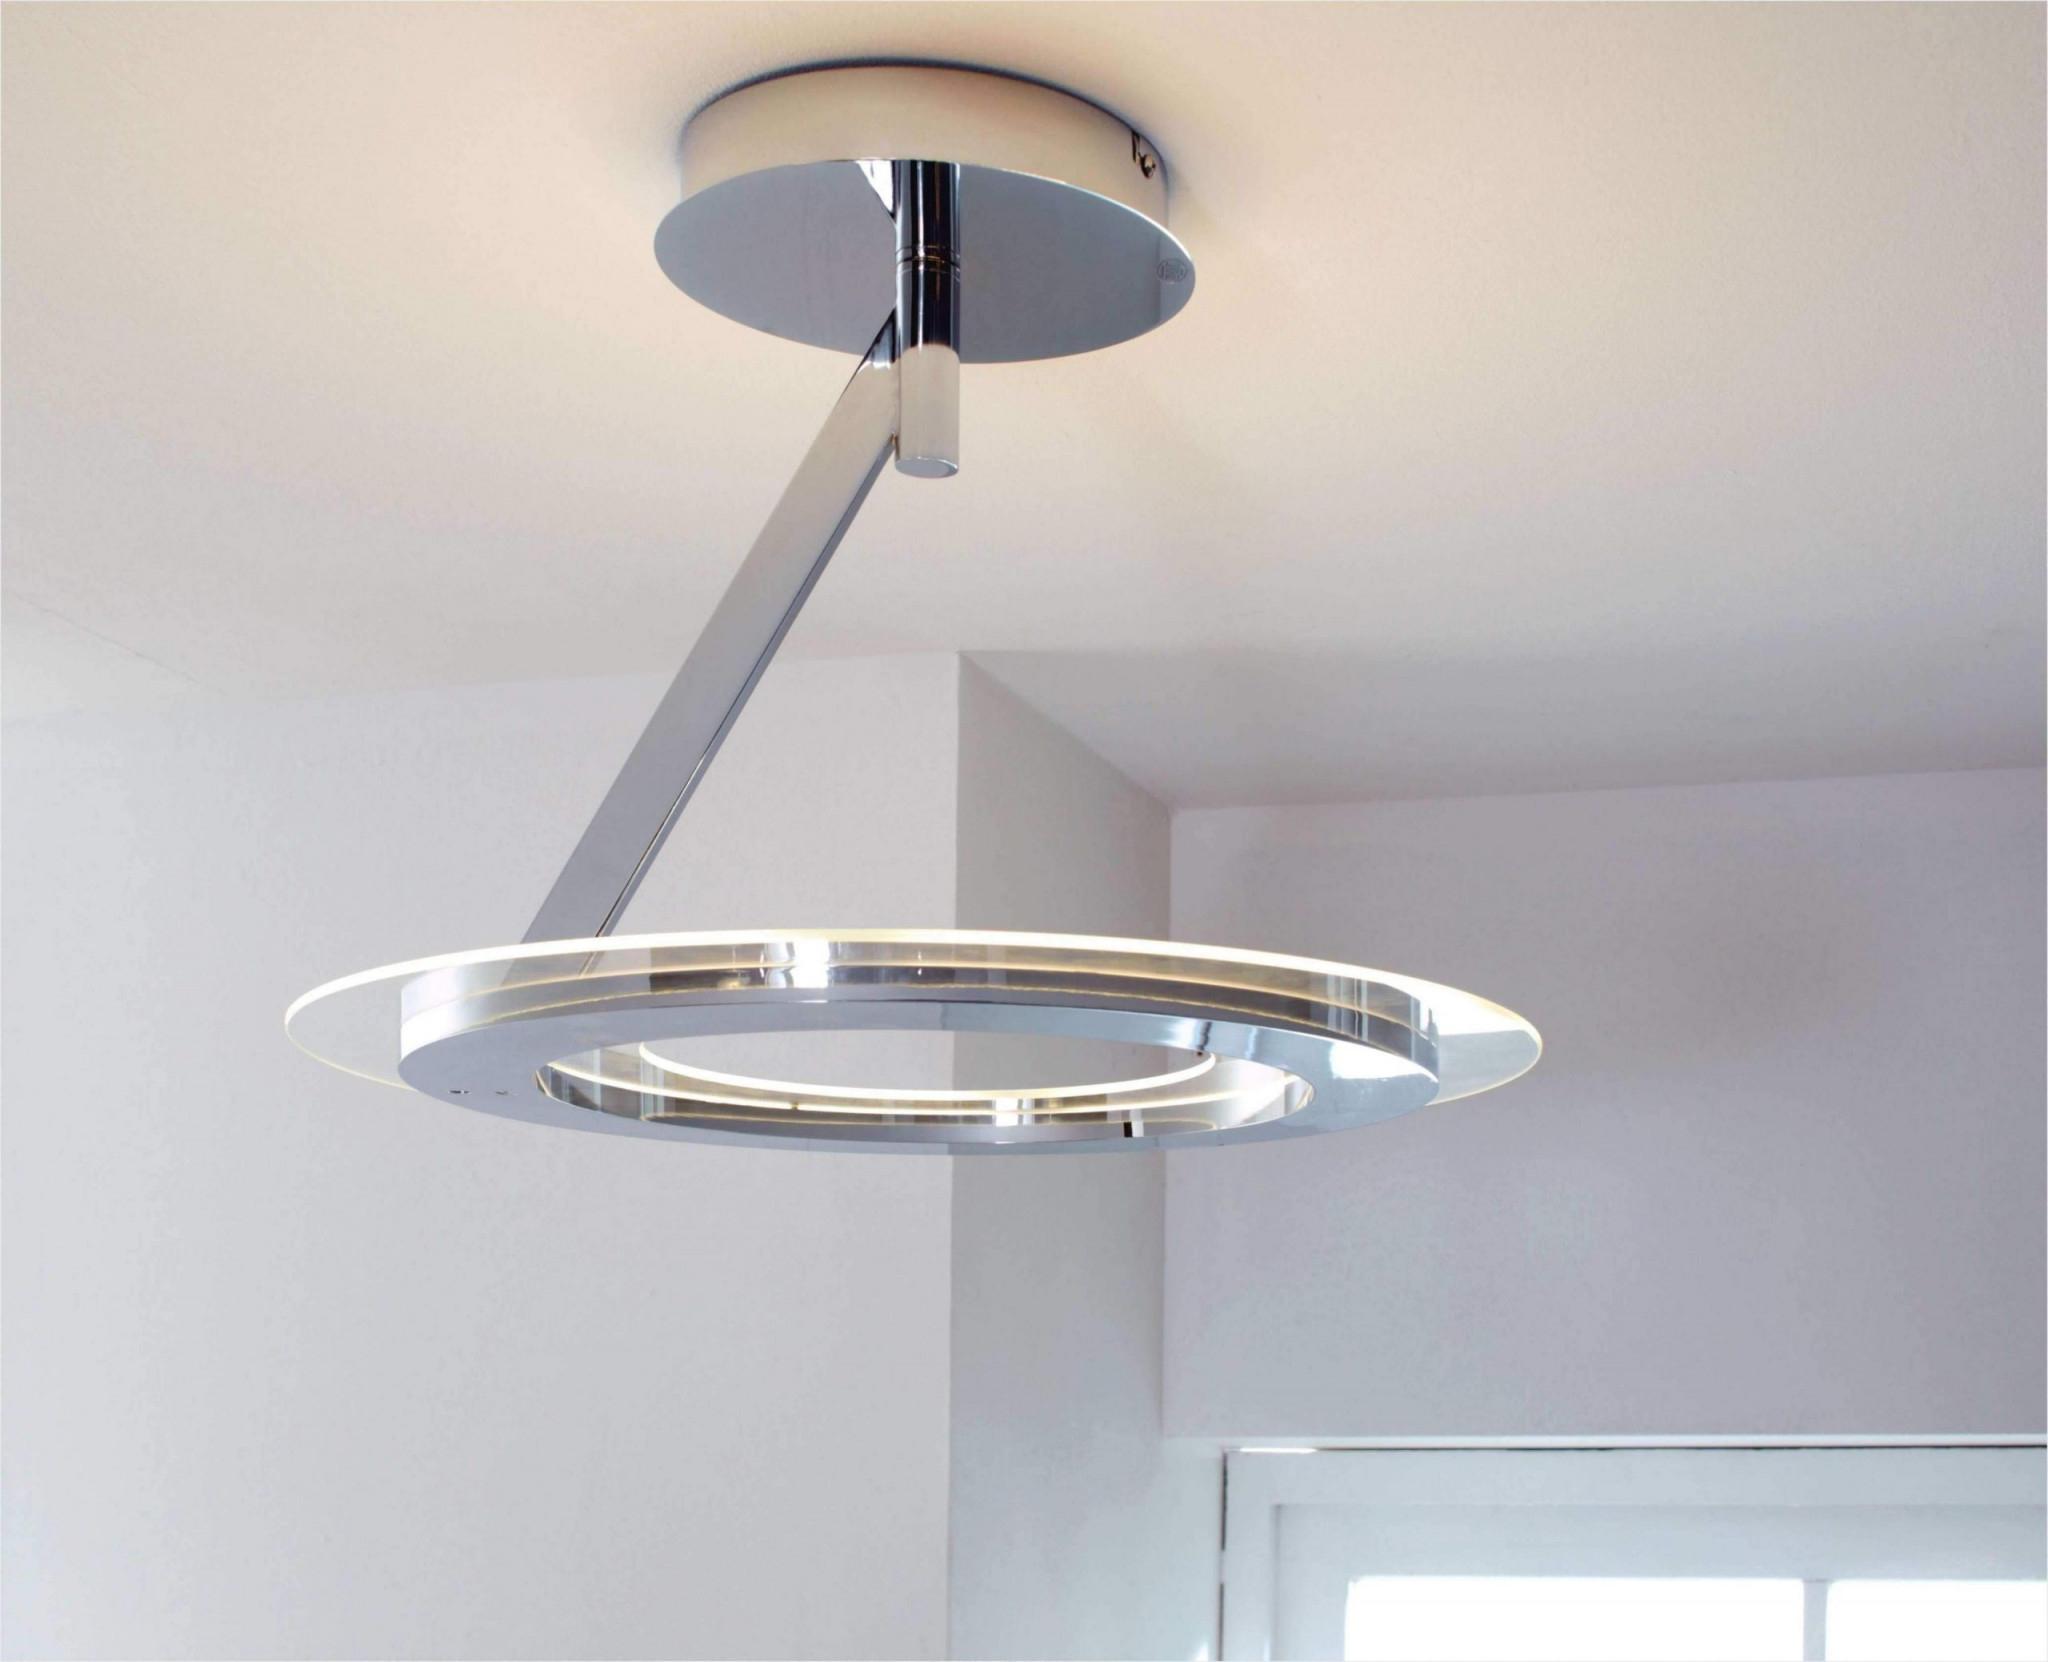 Deckenlampe Wohnzimmer Dimmbar Reizend Deckenleuchte von Wohnzimmer Deckenleuchte Dimmbar Bild